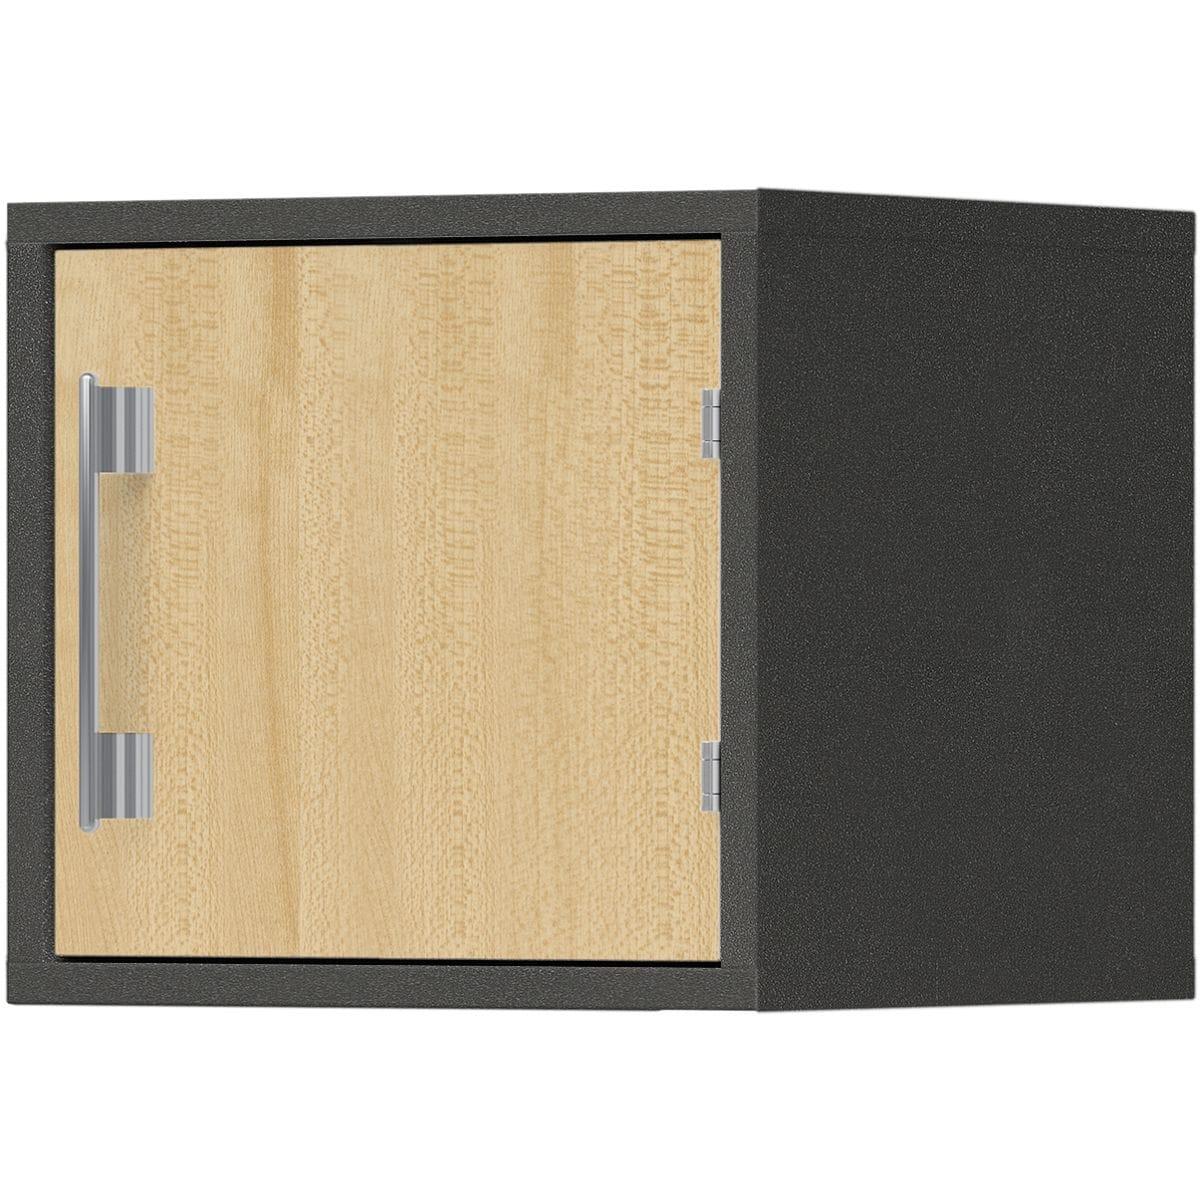 wellem bel aufsatzschrank hyper 40 cm bei otto office g nstig kaufen. Black Bedroom Furniture Sets. Home Design Ideas